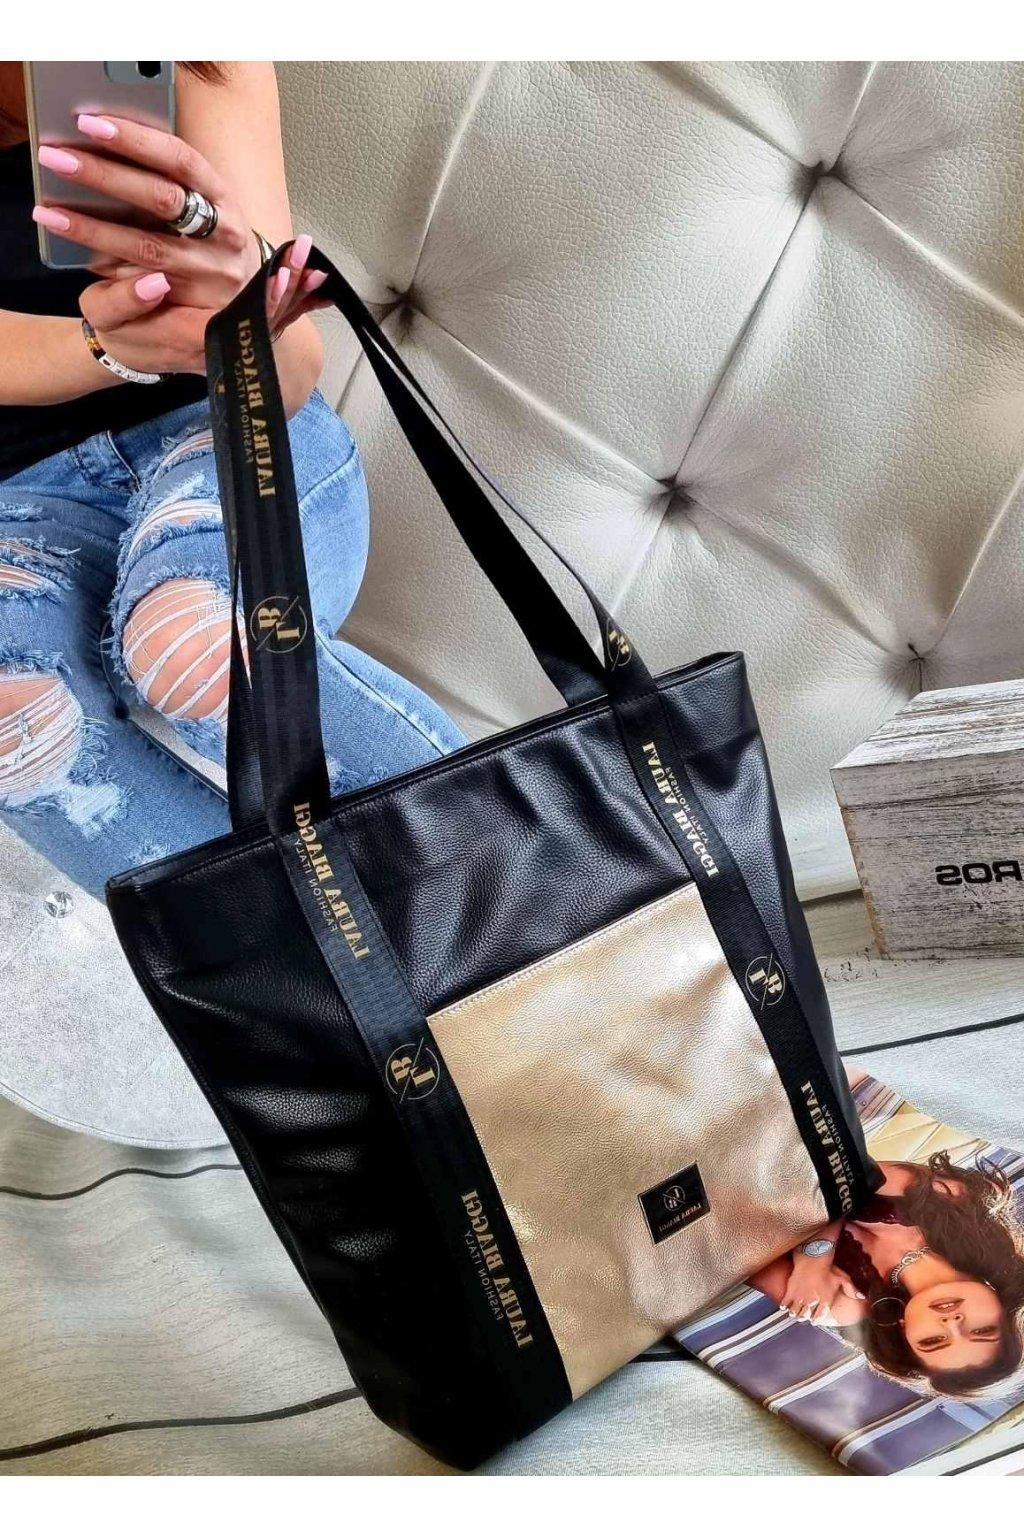 kabelka trendy maxi laura biaggi černozlatá značková luxusní kabelka italy fashion